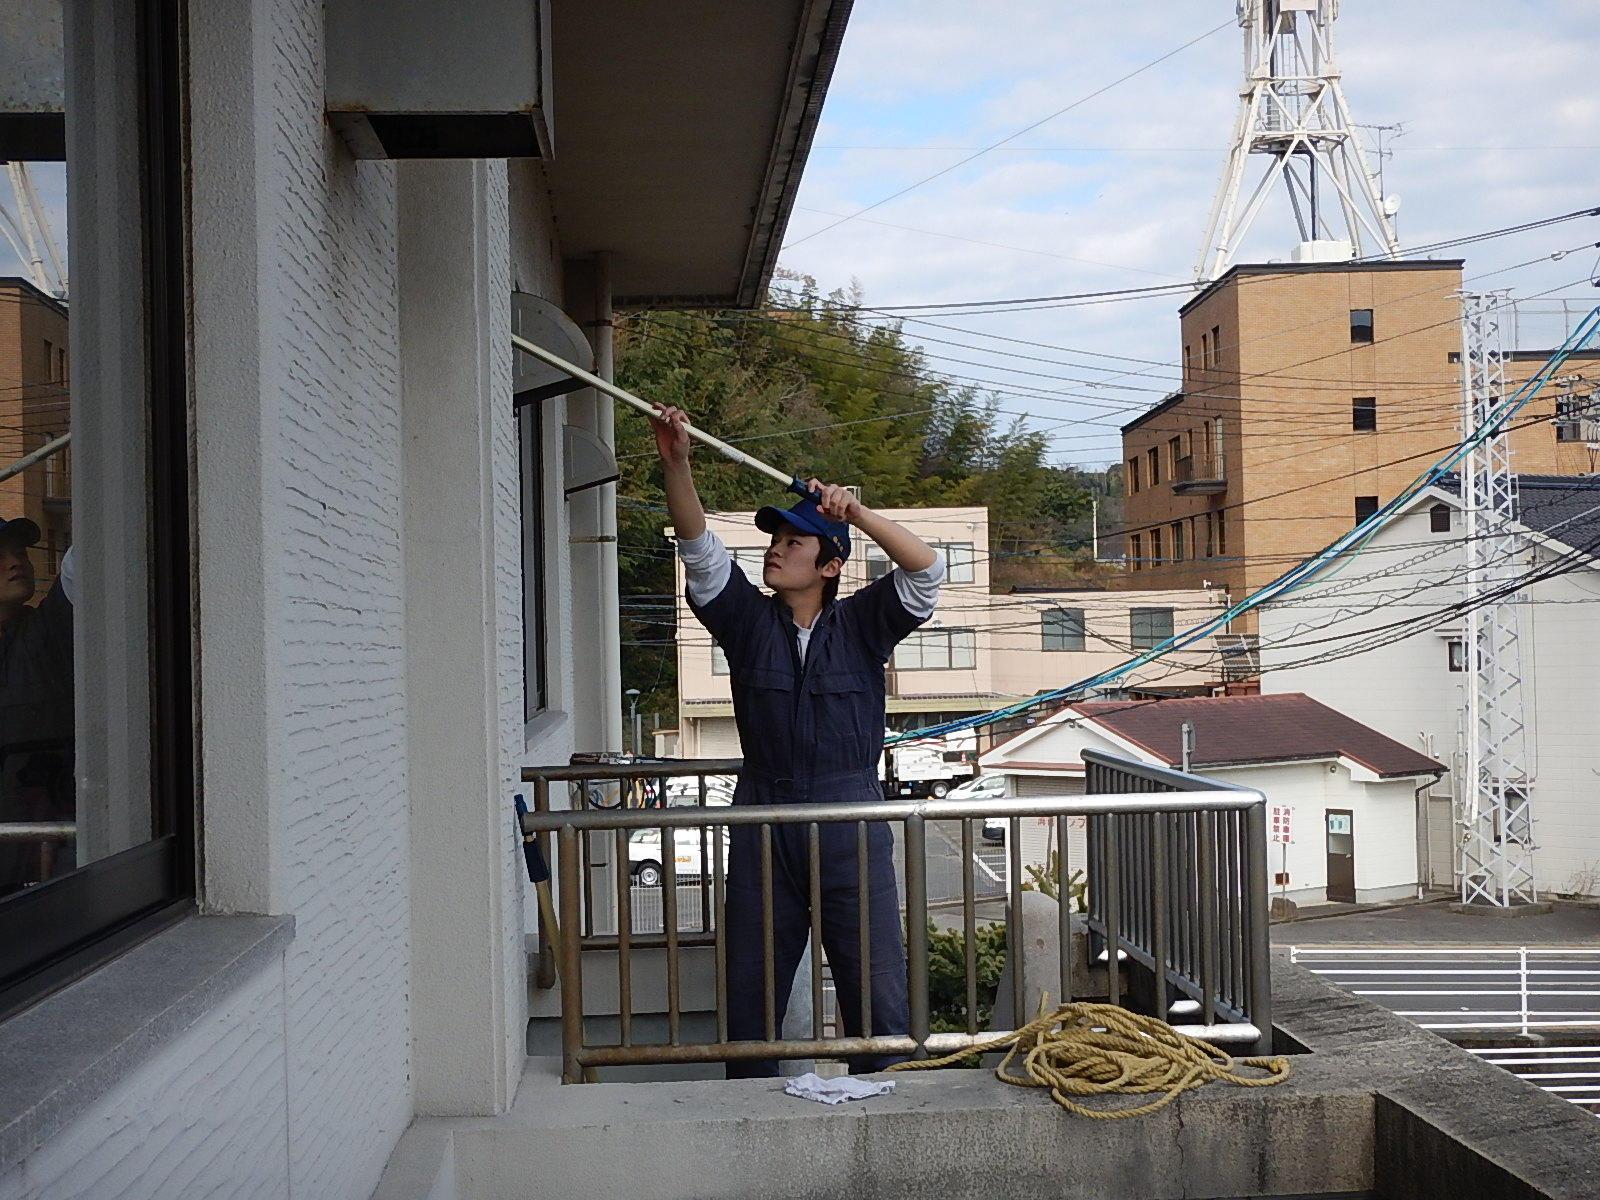 http://www.shimanet.ed.jp/hamadayougo/news/DSCN0360.JPG